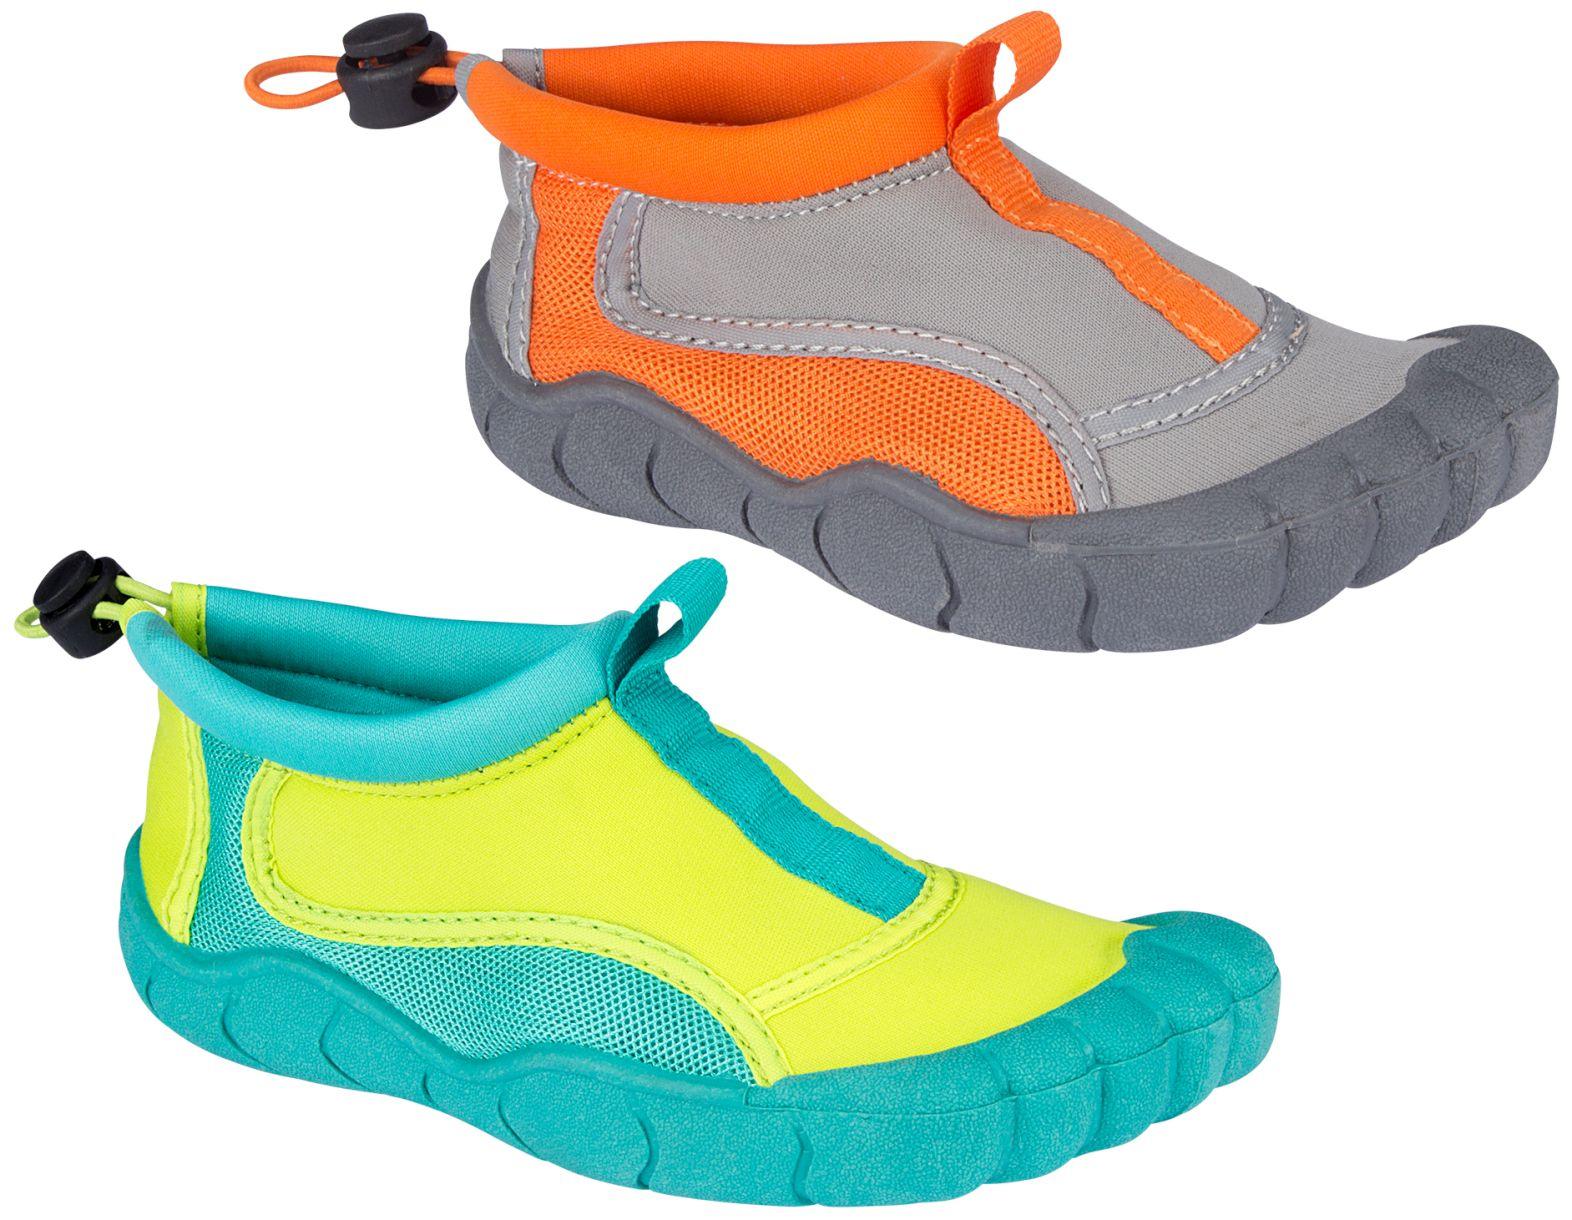 Pantofi Aqua Foot Junior • Jace •